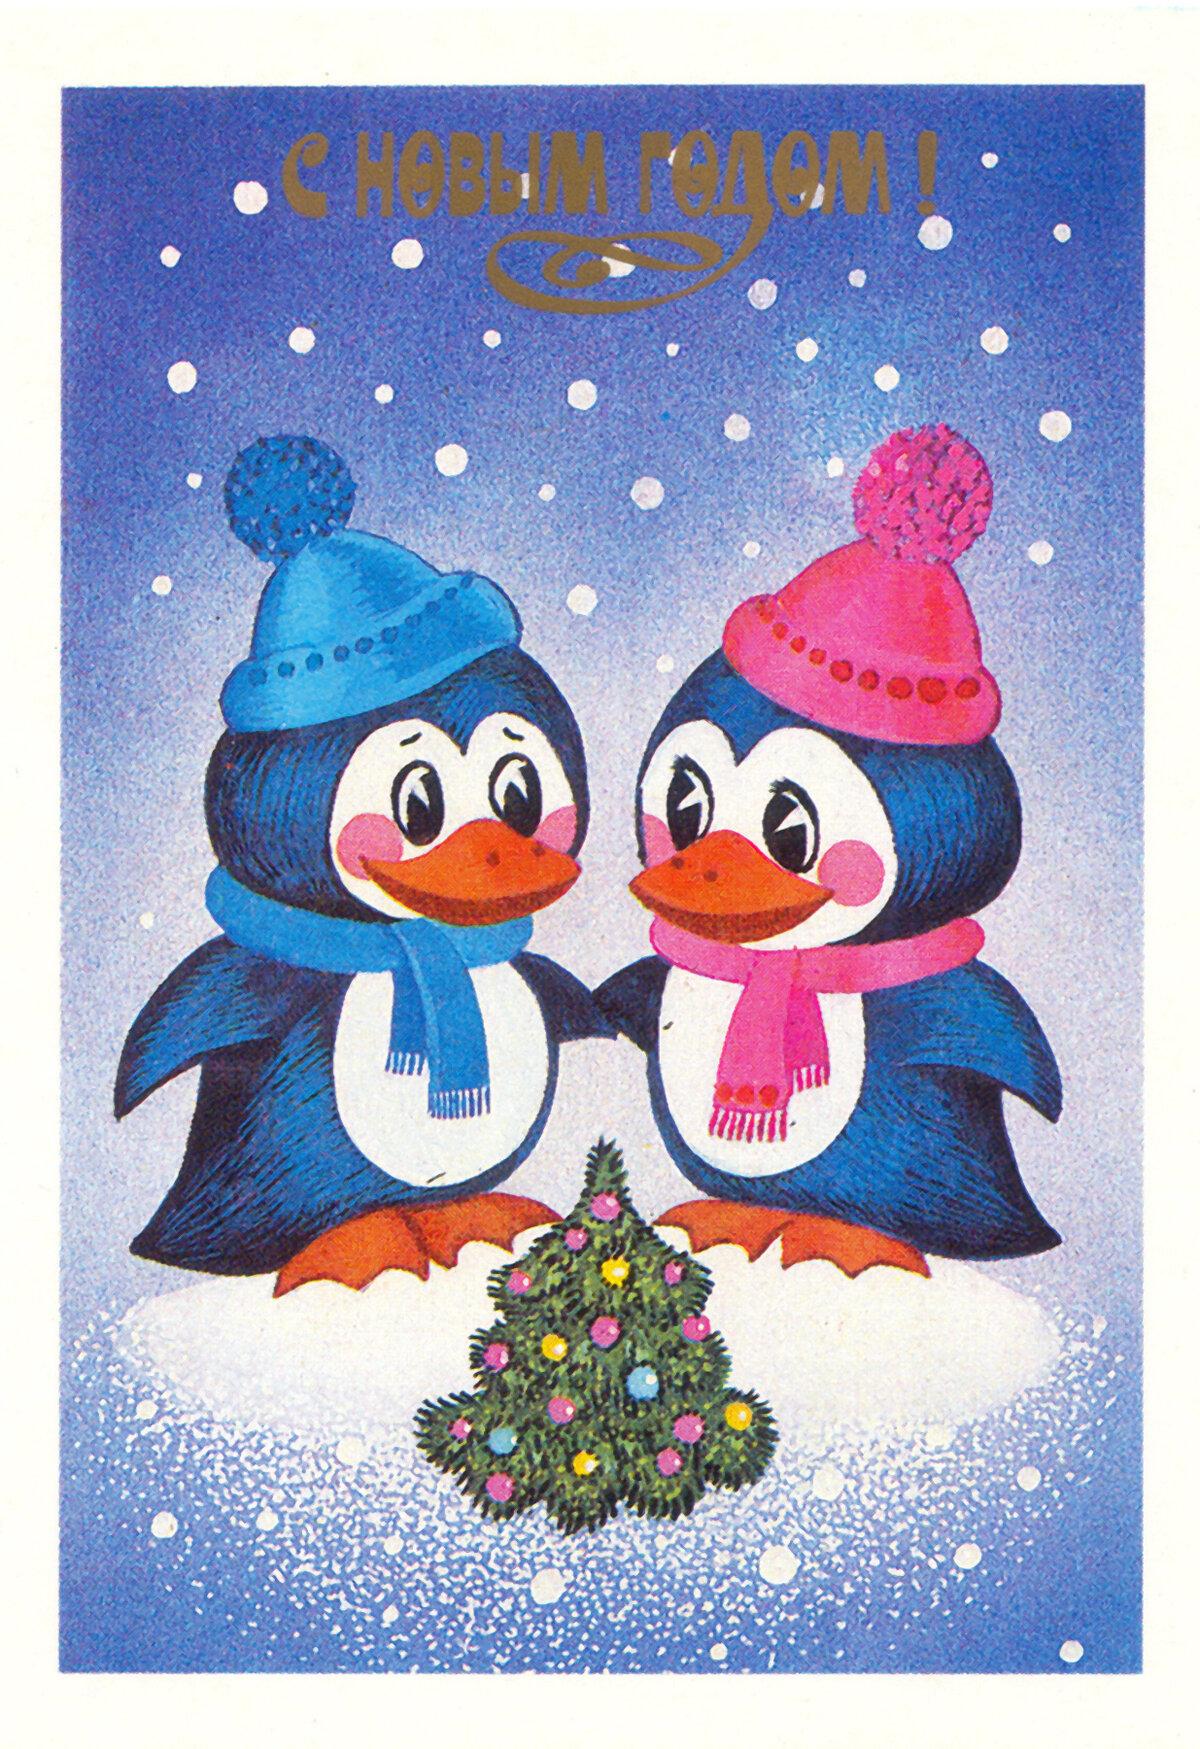 Прикольная картинка, детские рисованные открытки с новым годом